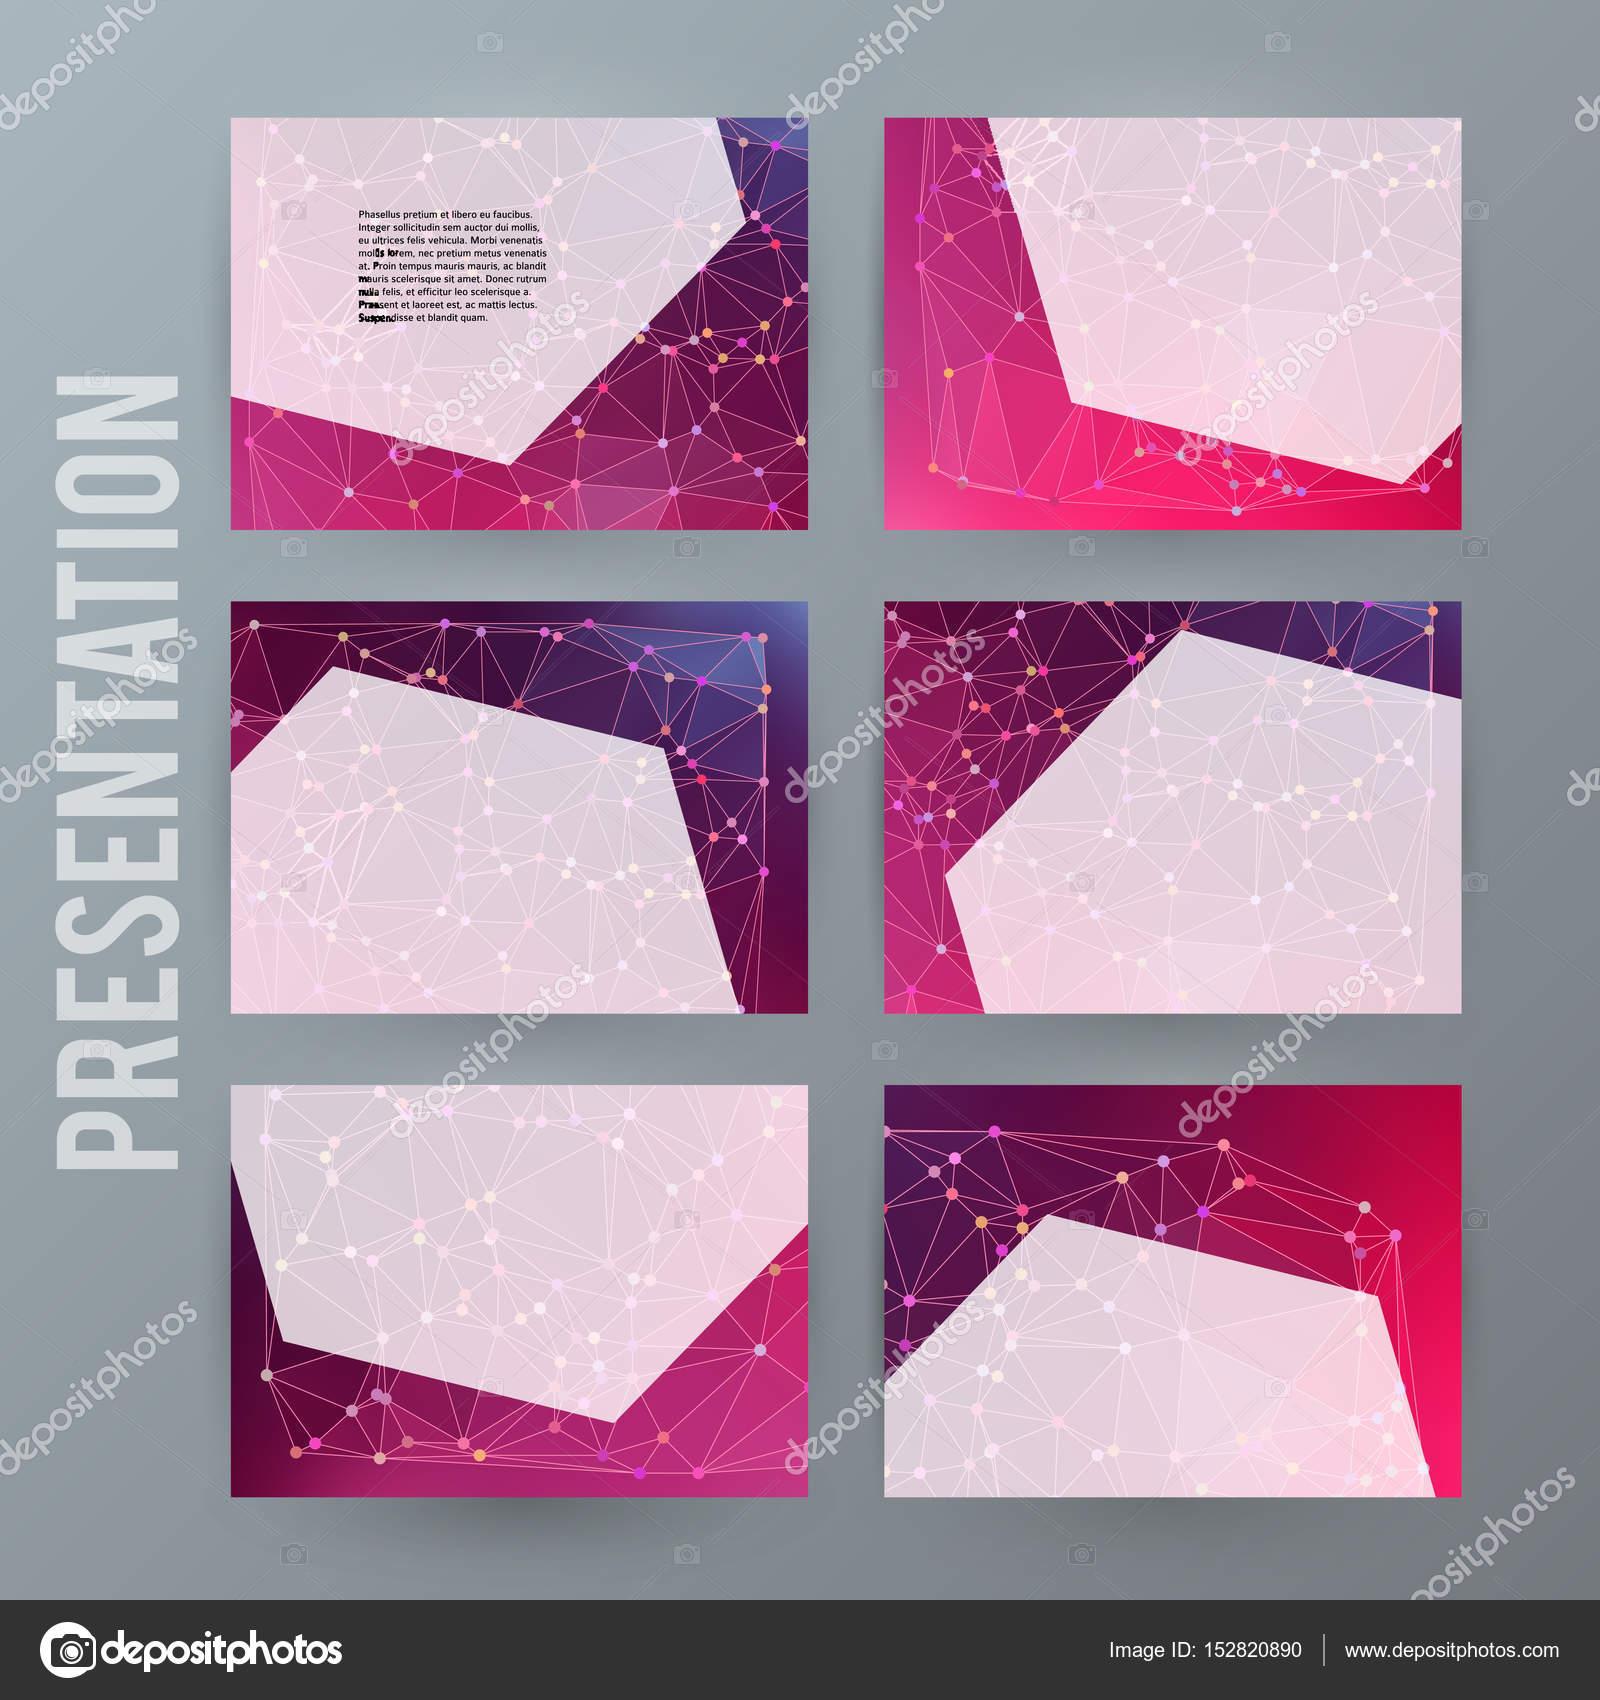 Elemento de diseño powerpoint precentation plantilla banne ...